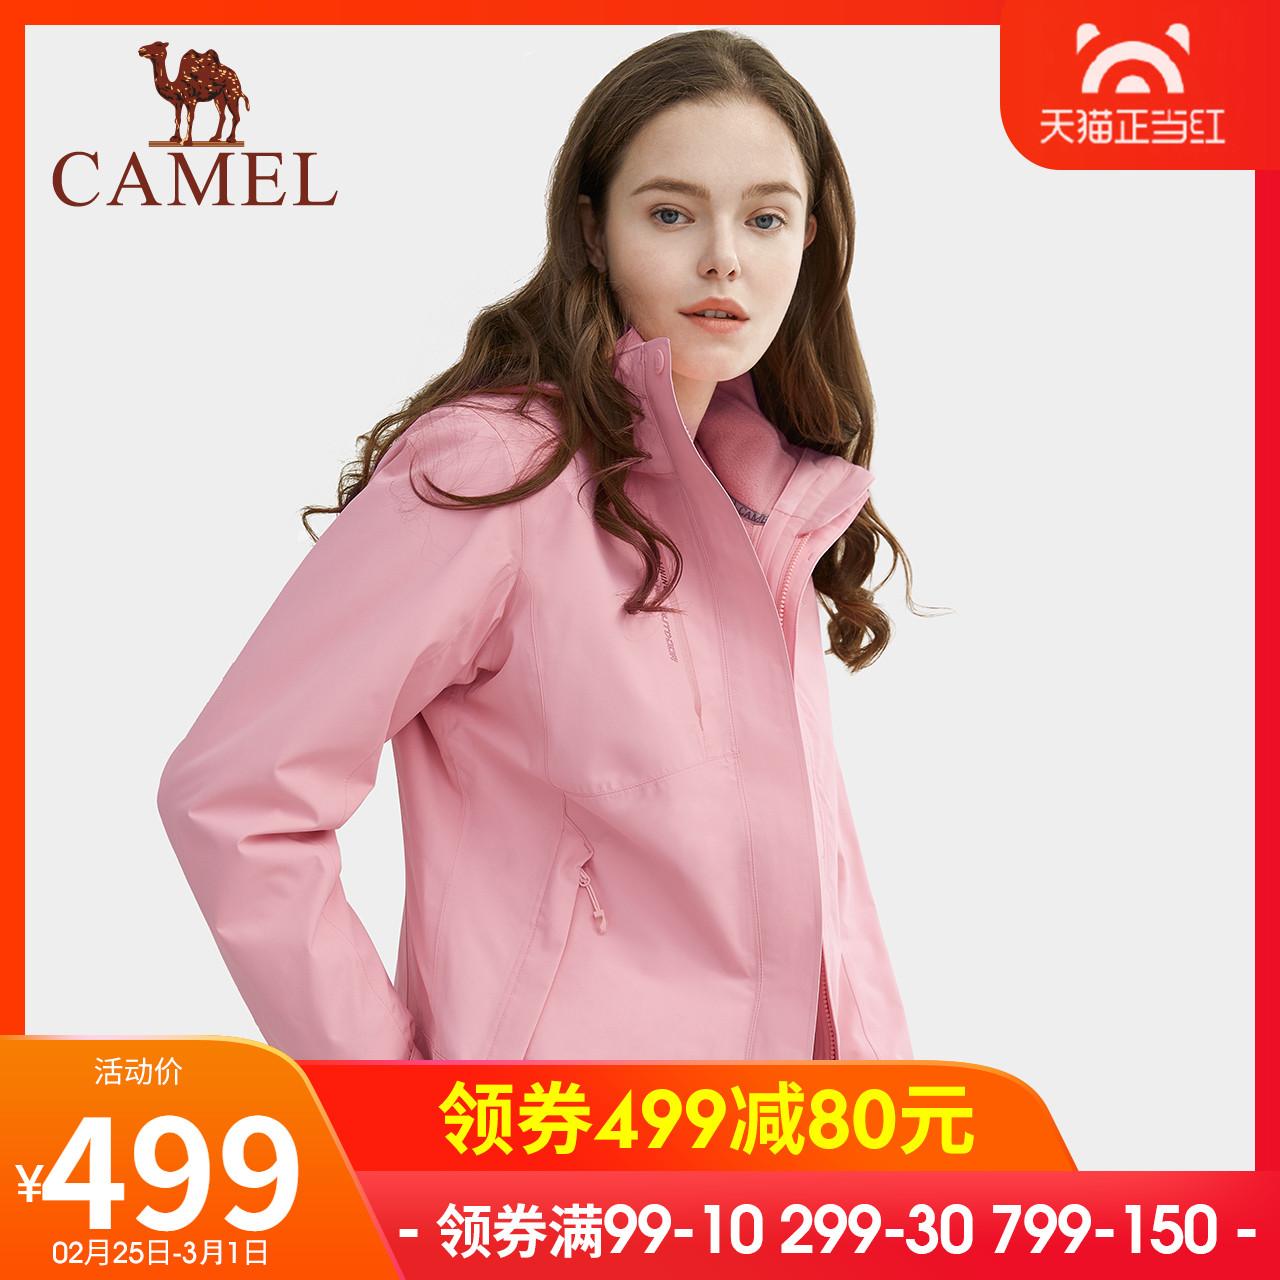 骆驼户外冲锋衣男女潮牌外套三合一可拆卸加绒加厚抓绒防风登山服